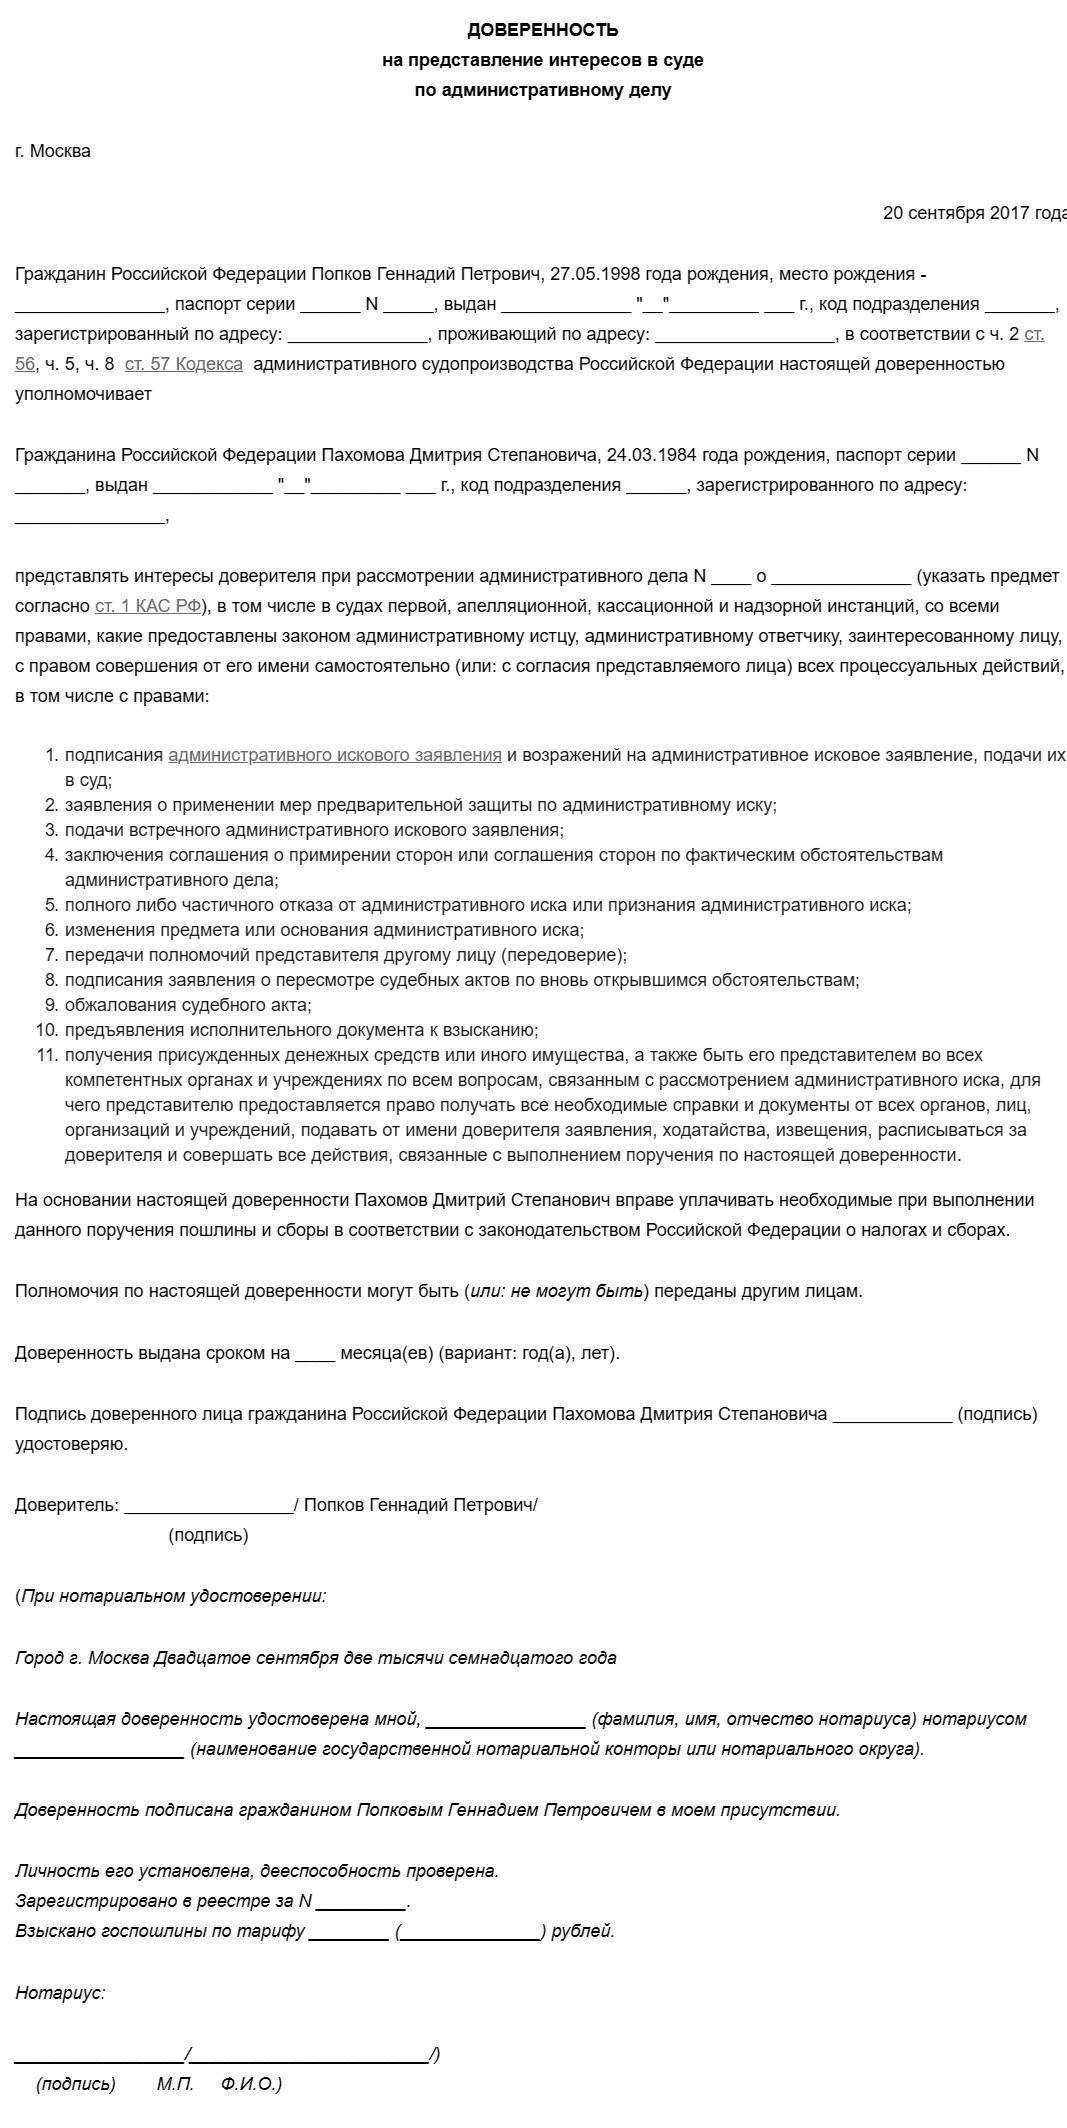 obrazec-doverennosti-na-predstavlenie-interesov-grazhdanina-v-sude-po-administrativnomu-delu